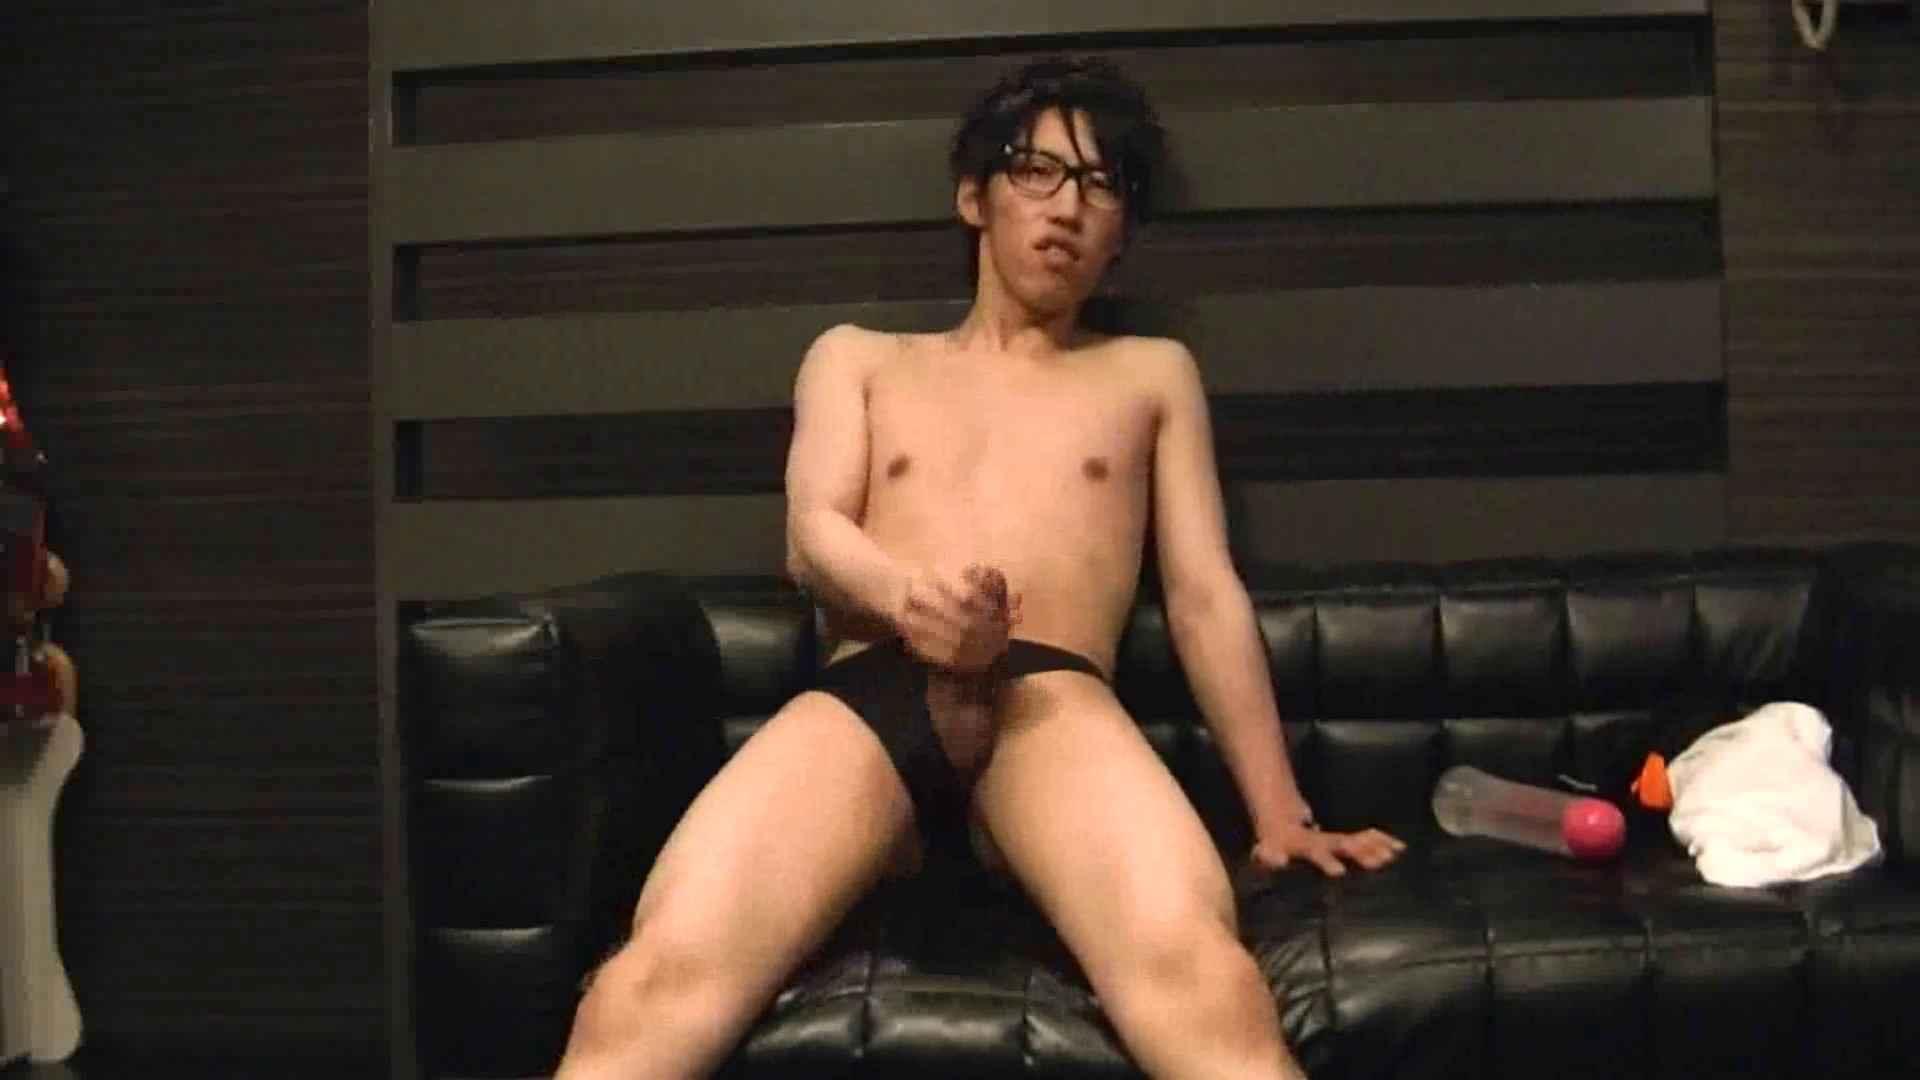 ONA見せカーニバル!! Vol3 男・男   モザイク無し ゲイ無料無修正画像 72pic 67